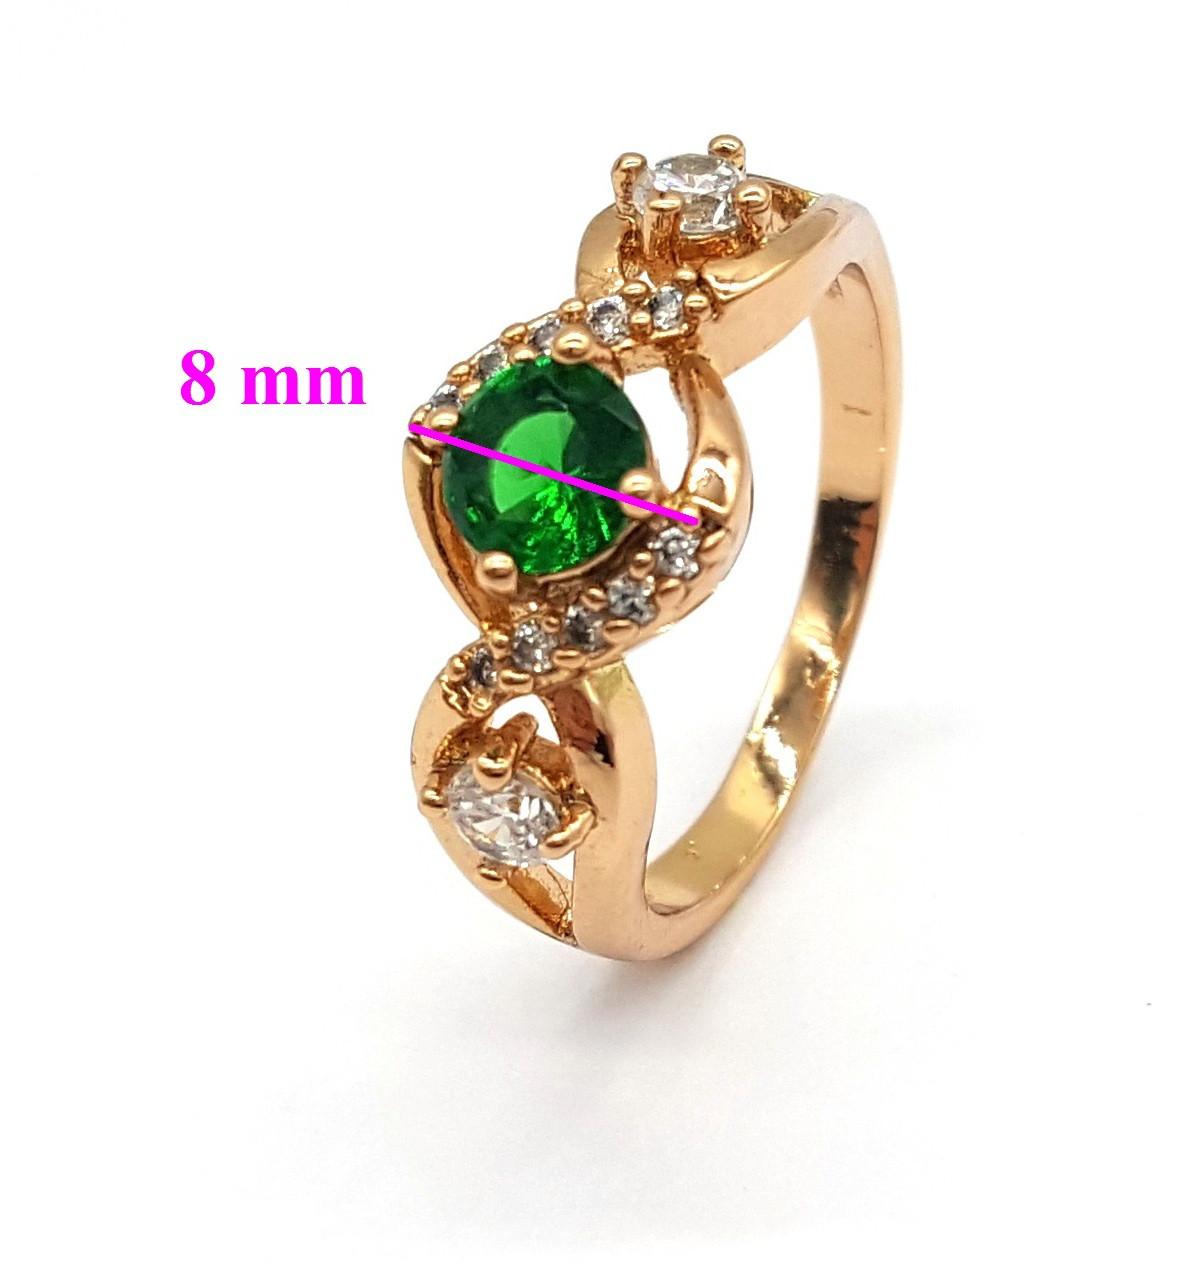 Кольцо позолоченное, с зеленым цирконием, р.16,5